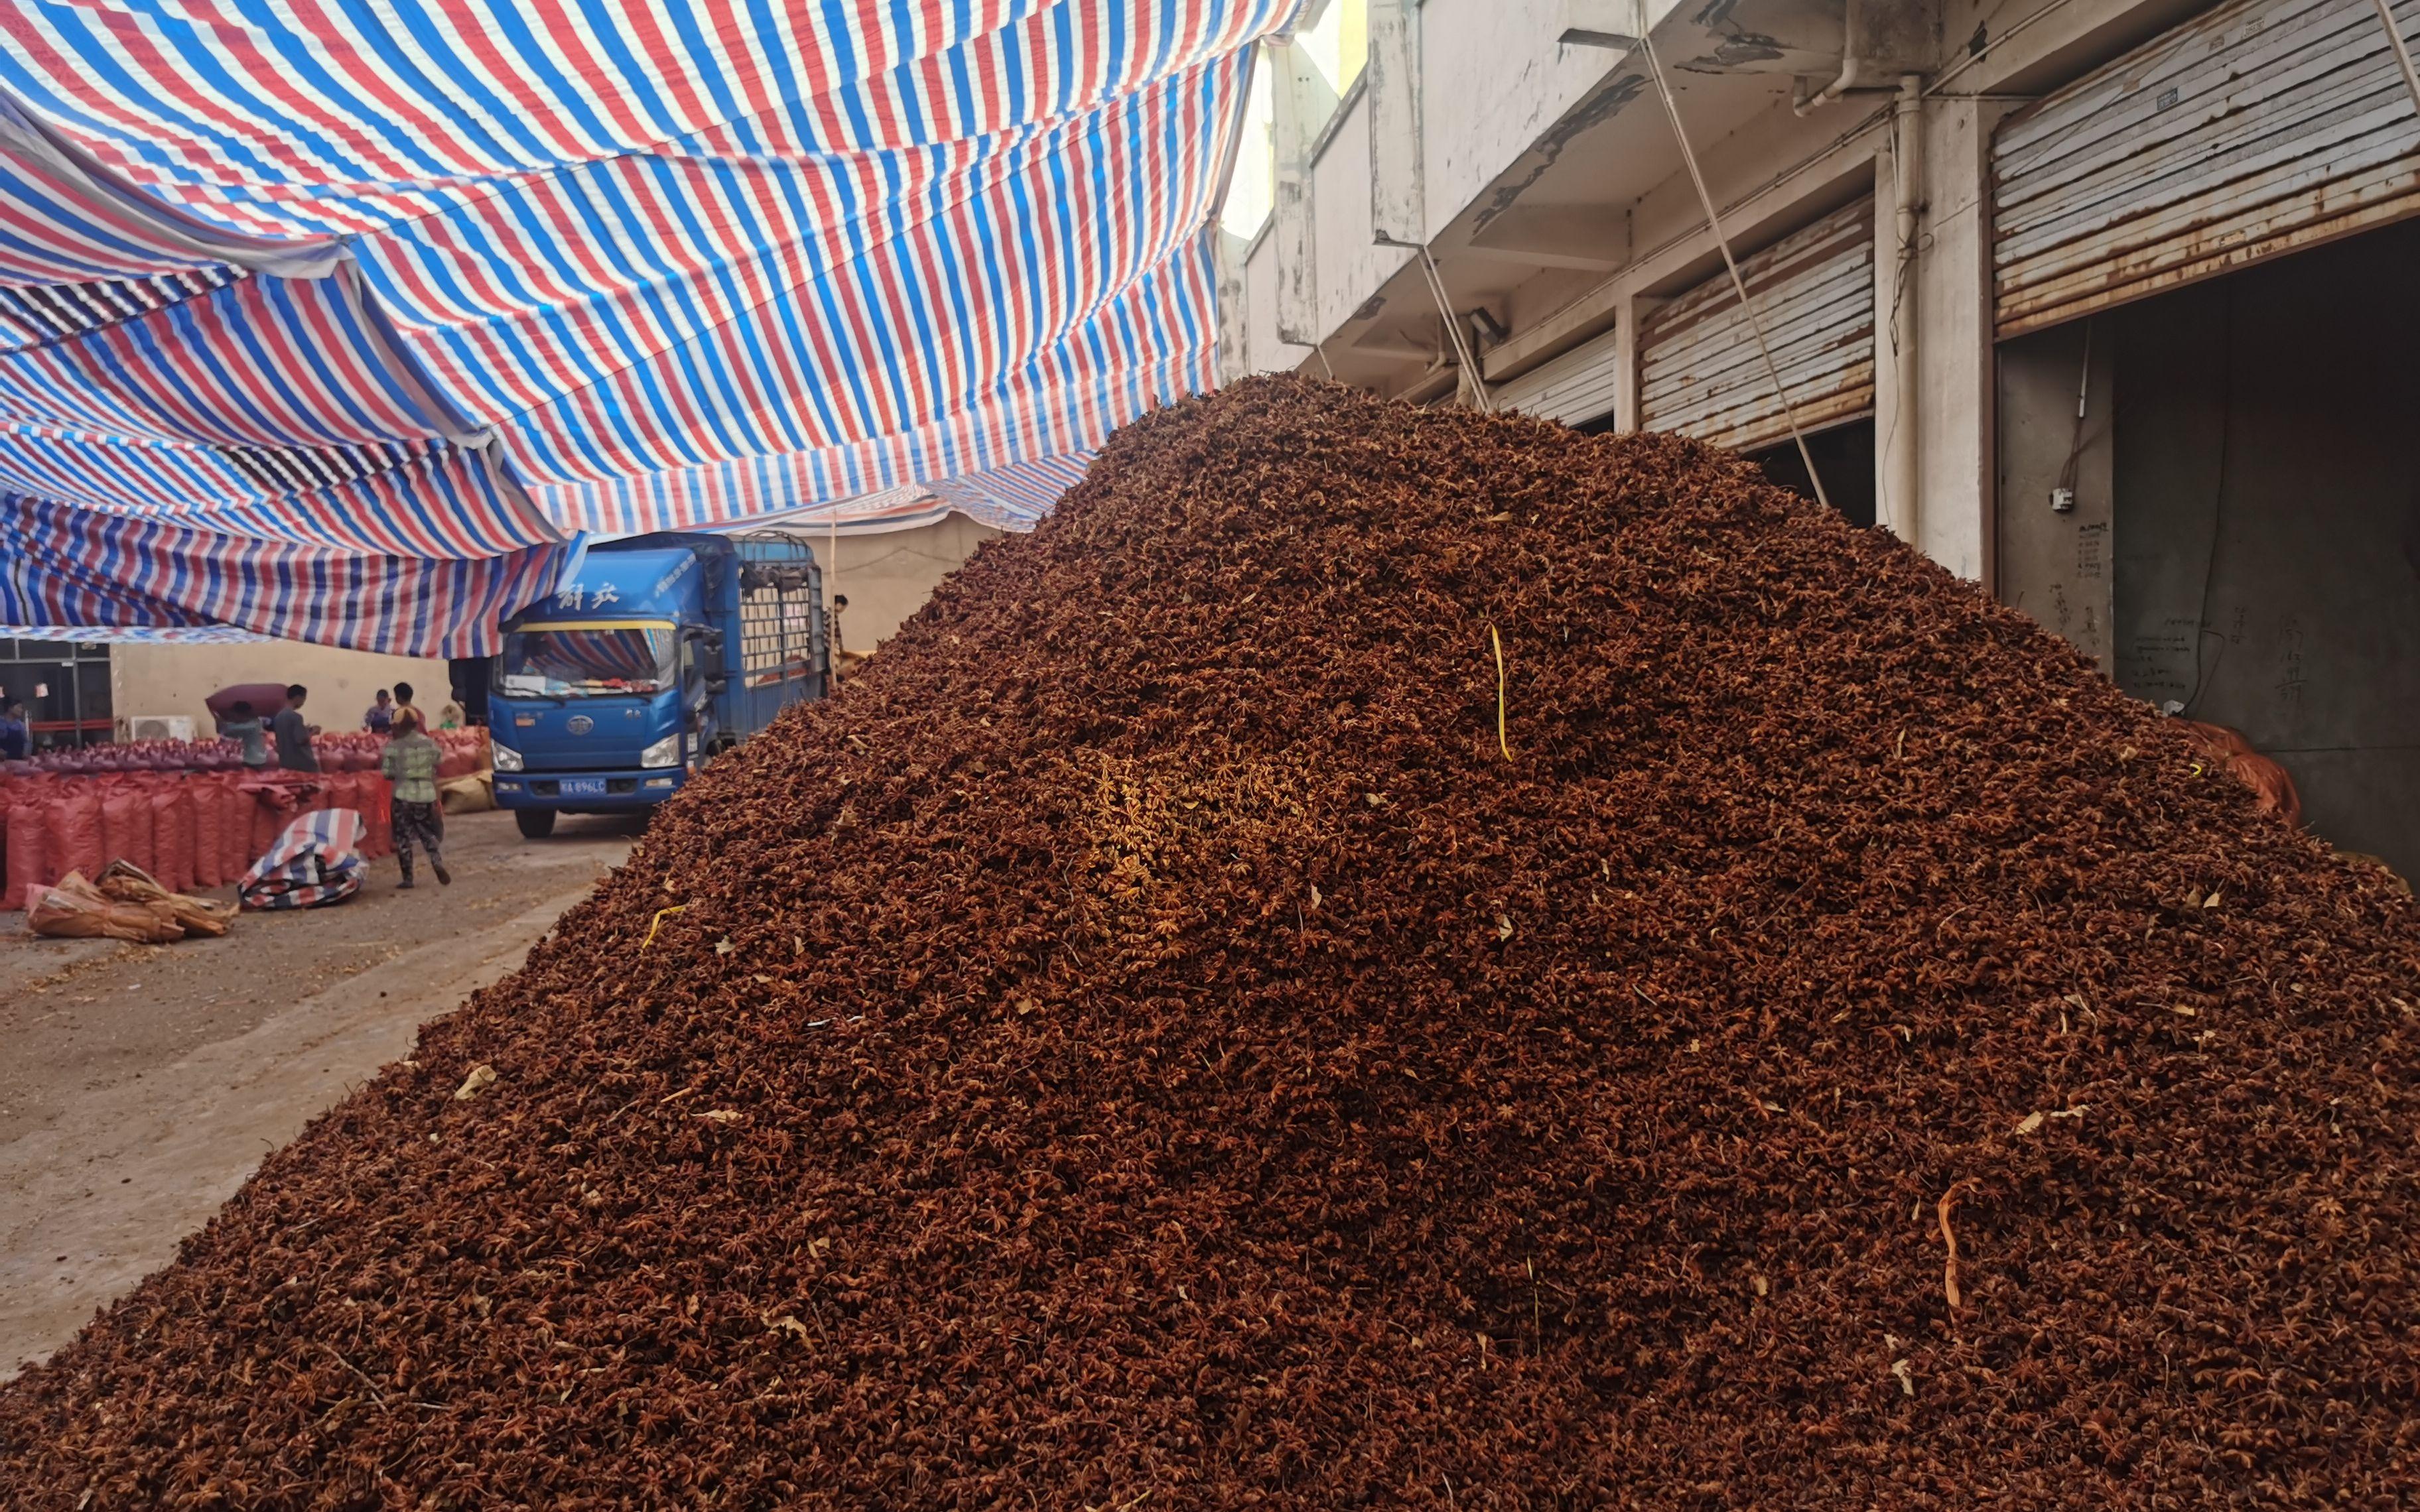 广西南宁市高峰天然香料物流中心内店铺前堆放的八角,这批八角均被硫磺熏过,有强烈的刺激性味道。新京报记者 王瑞文 摄